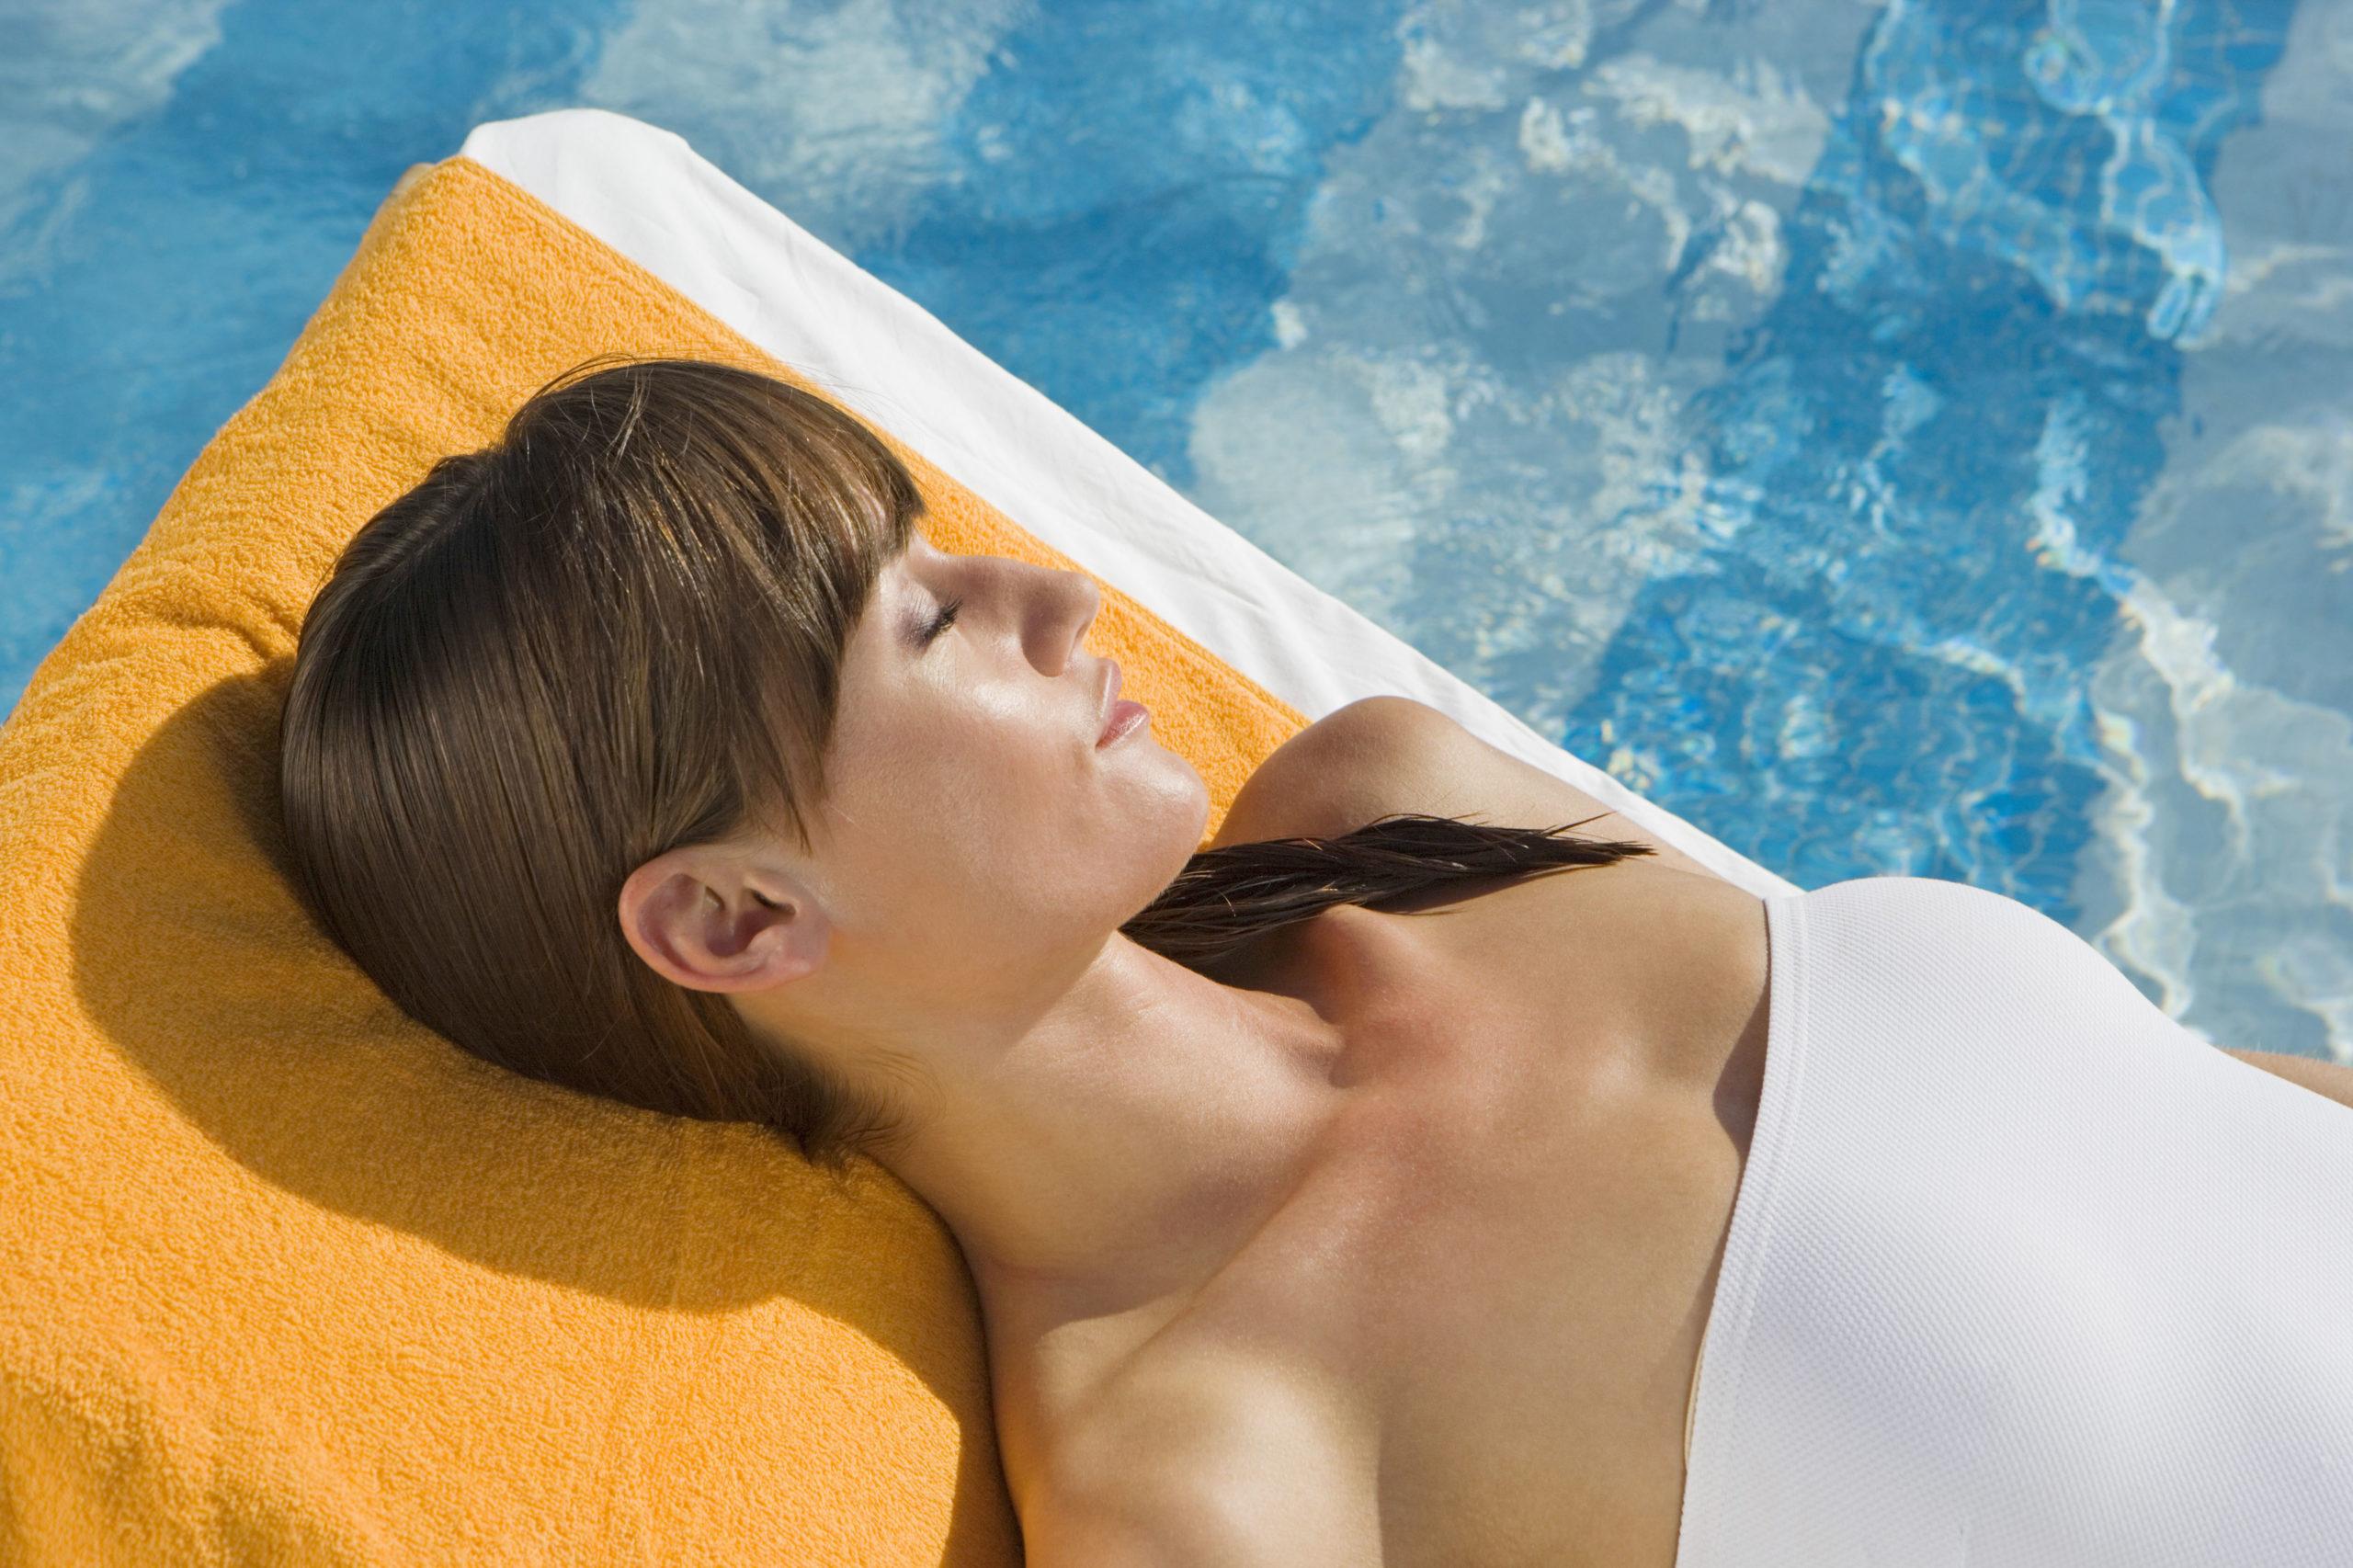 Den Urlaub ohne Sonnenbrand genießen